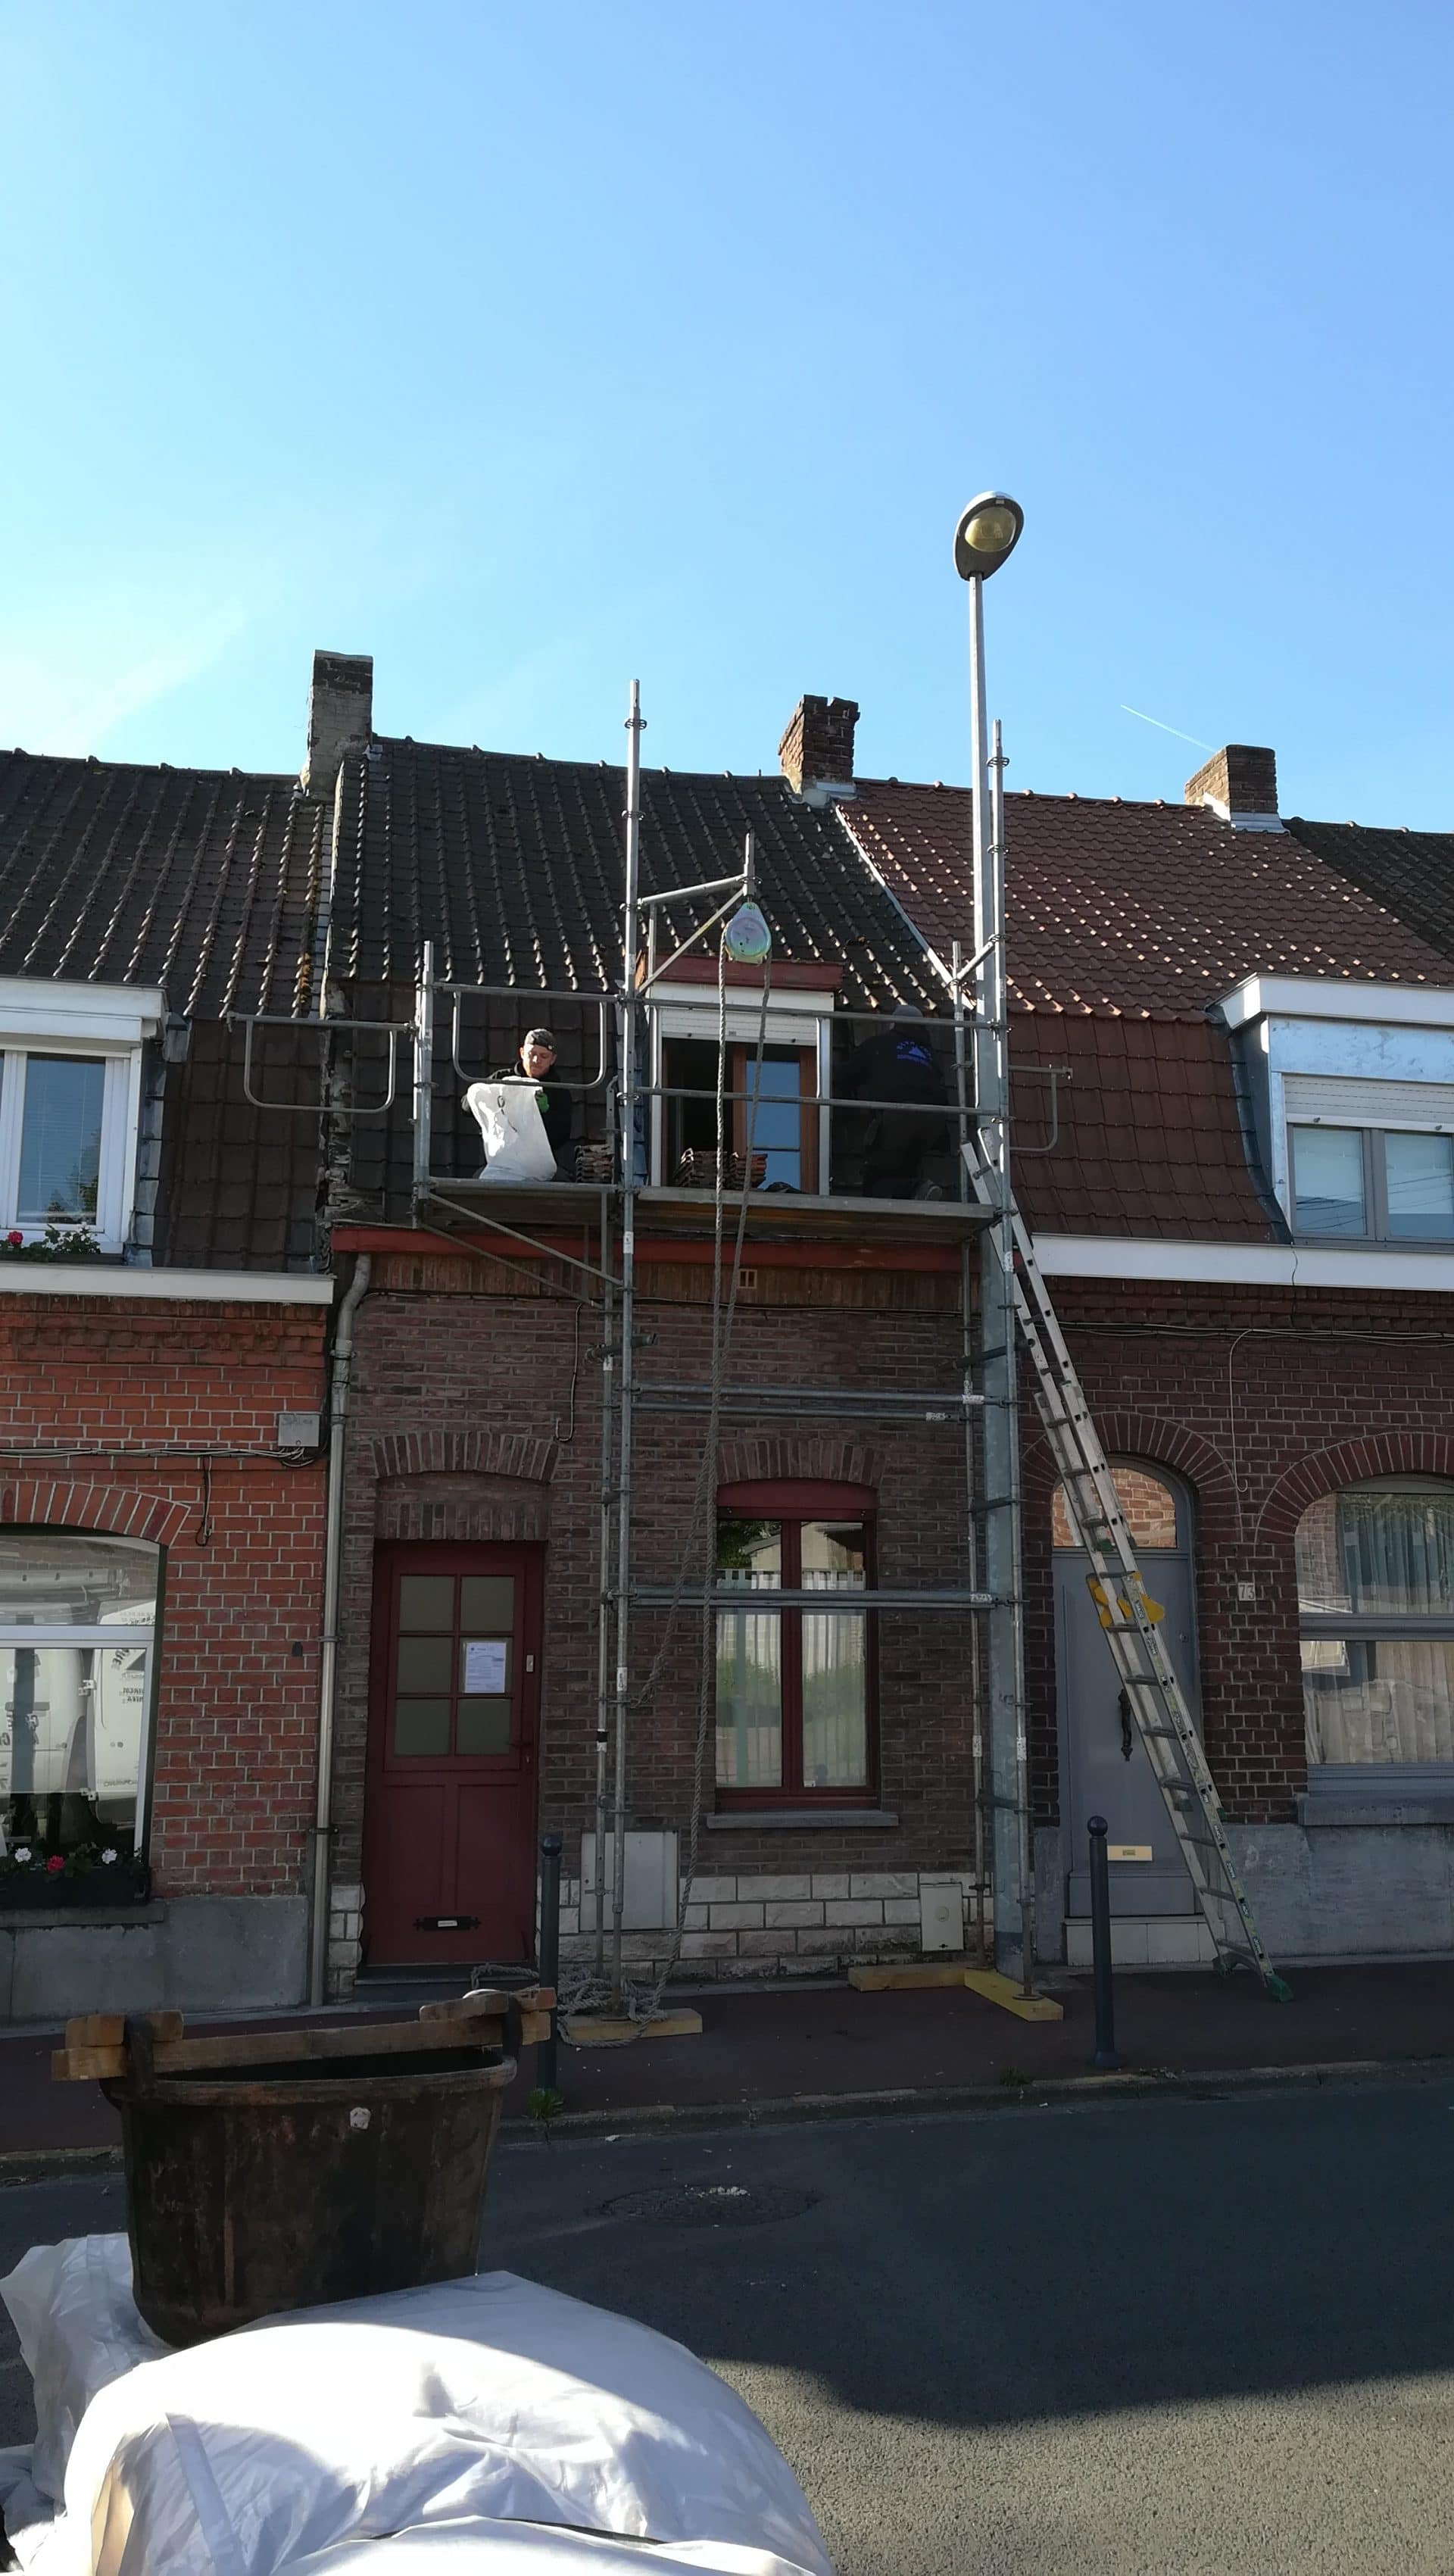 Rénovation toiture et ITE à Tourcoing (59)